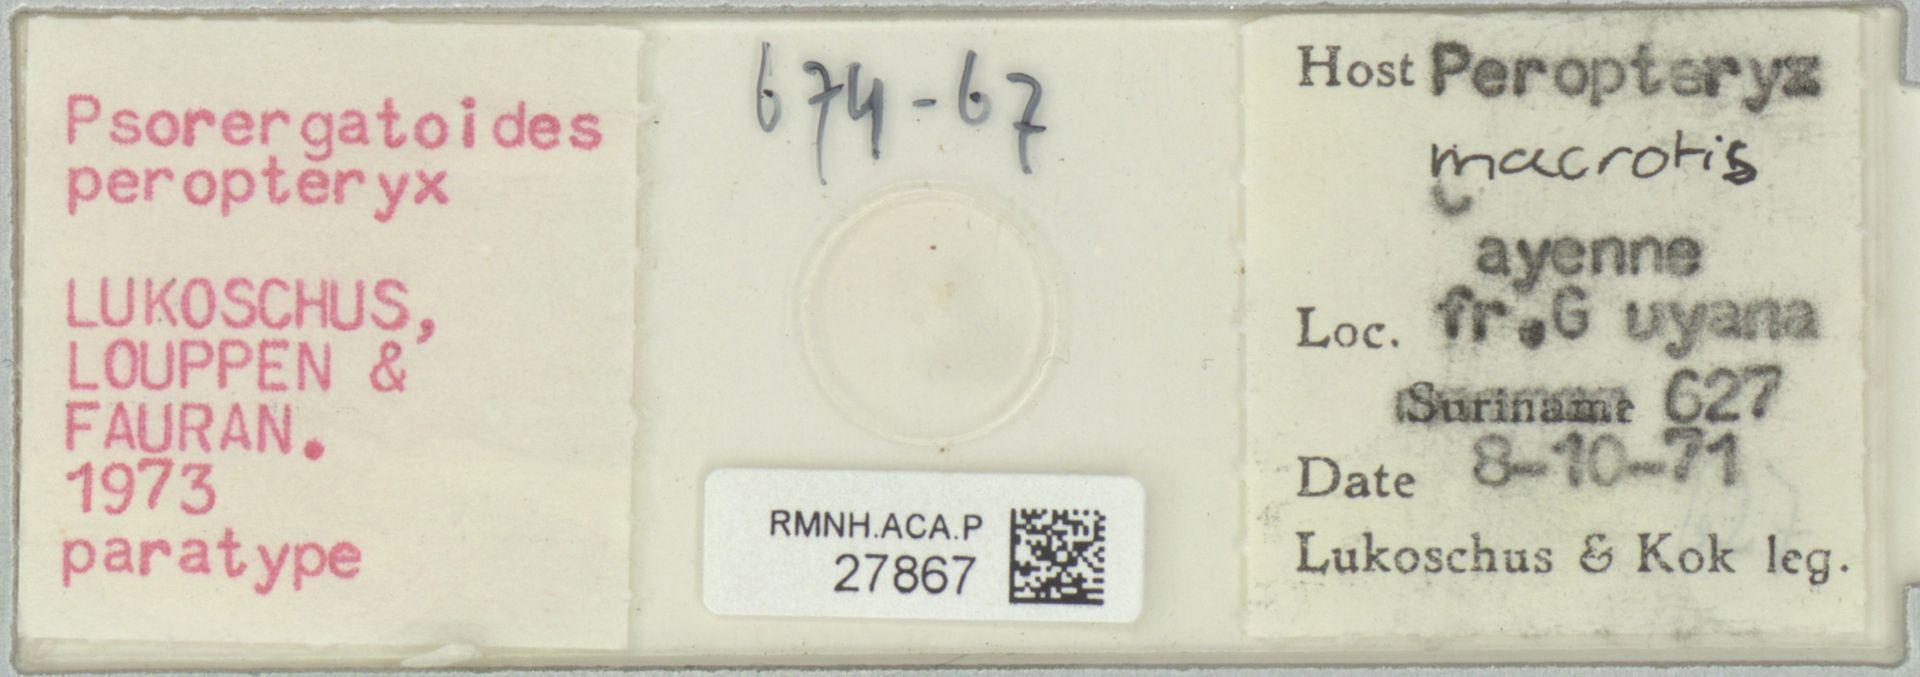 RMNH.ACA.P.27867 | Psorergatoides peropteryx Lukoschus, Louppen & Fauran. 1973